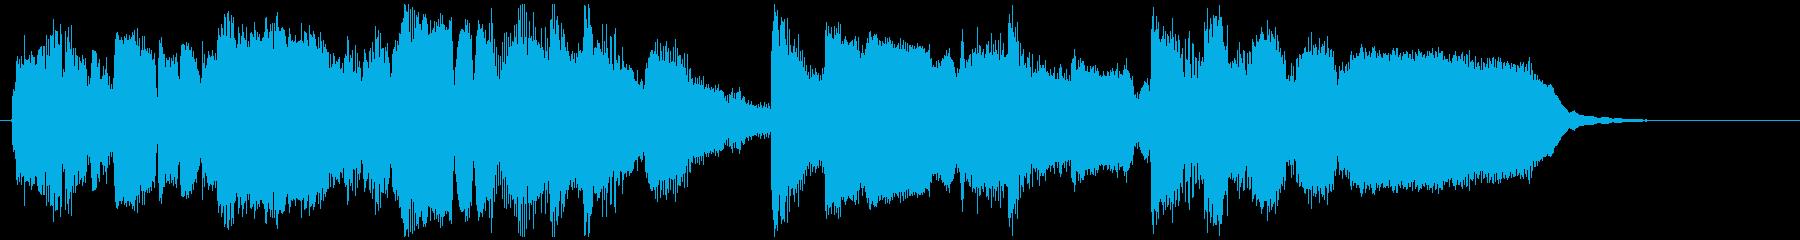 幸せな雰囲気の15秒CM用ジャズバラードの再生済みの波形